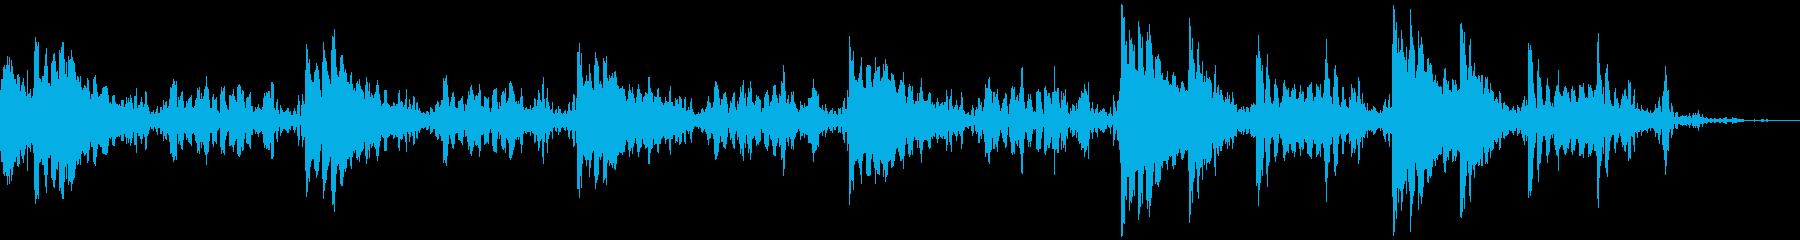 1分6秒BGM 疑惑・サスペンスの再生済みの波形